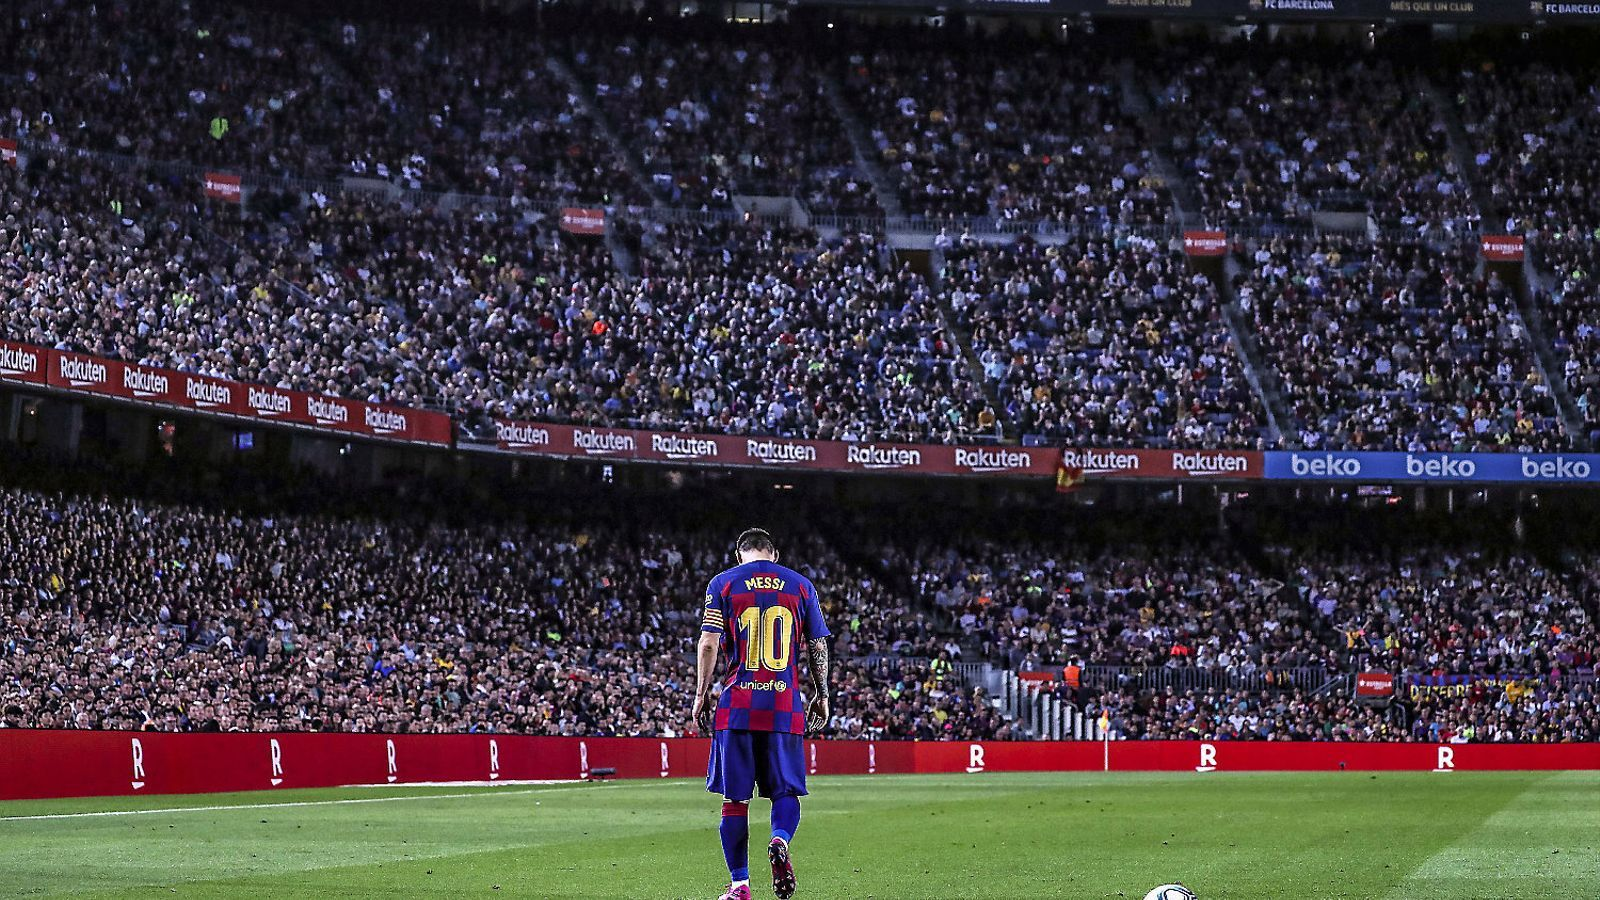 Leo Messi instants abans de xutar una falta en el partit de diumenge passat entre el Barça i el Sevilla al Camp Nou.